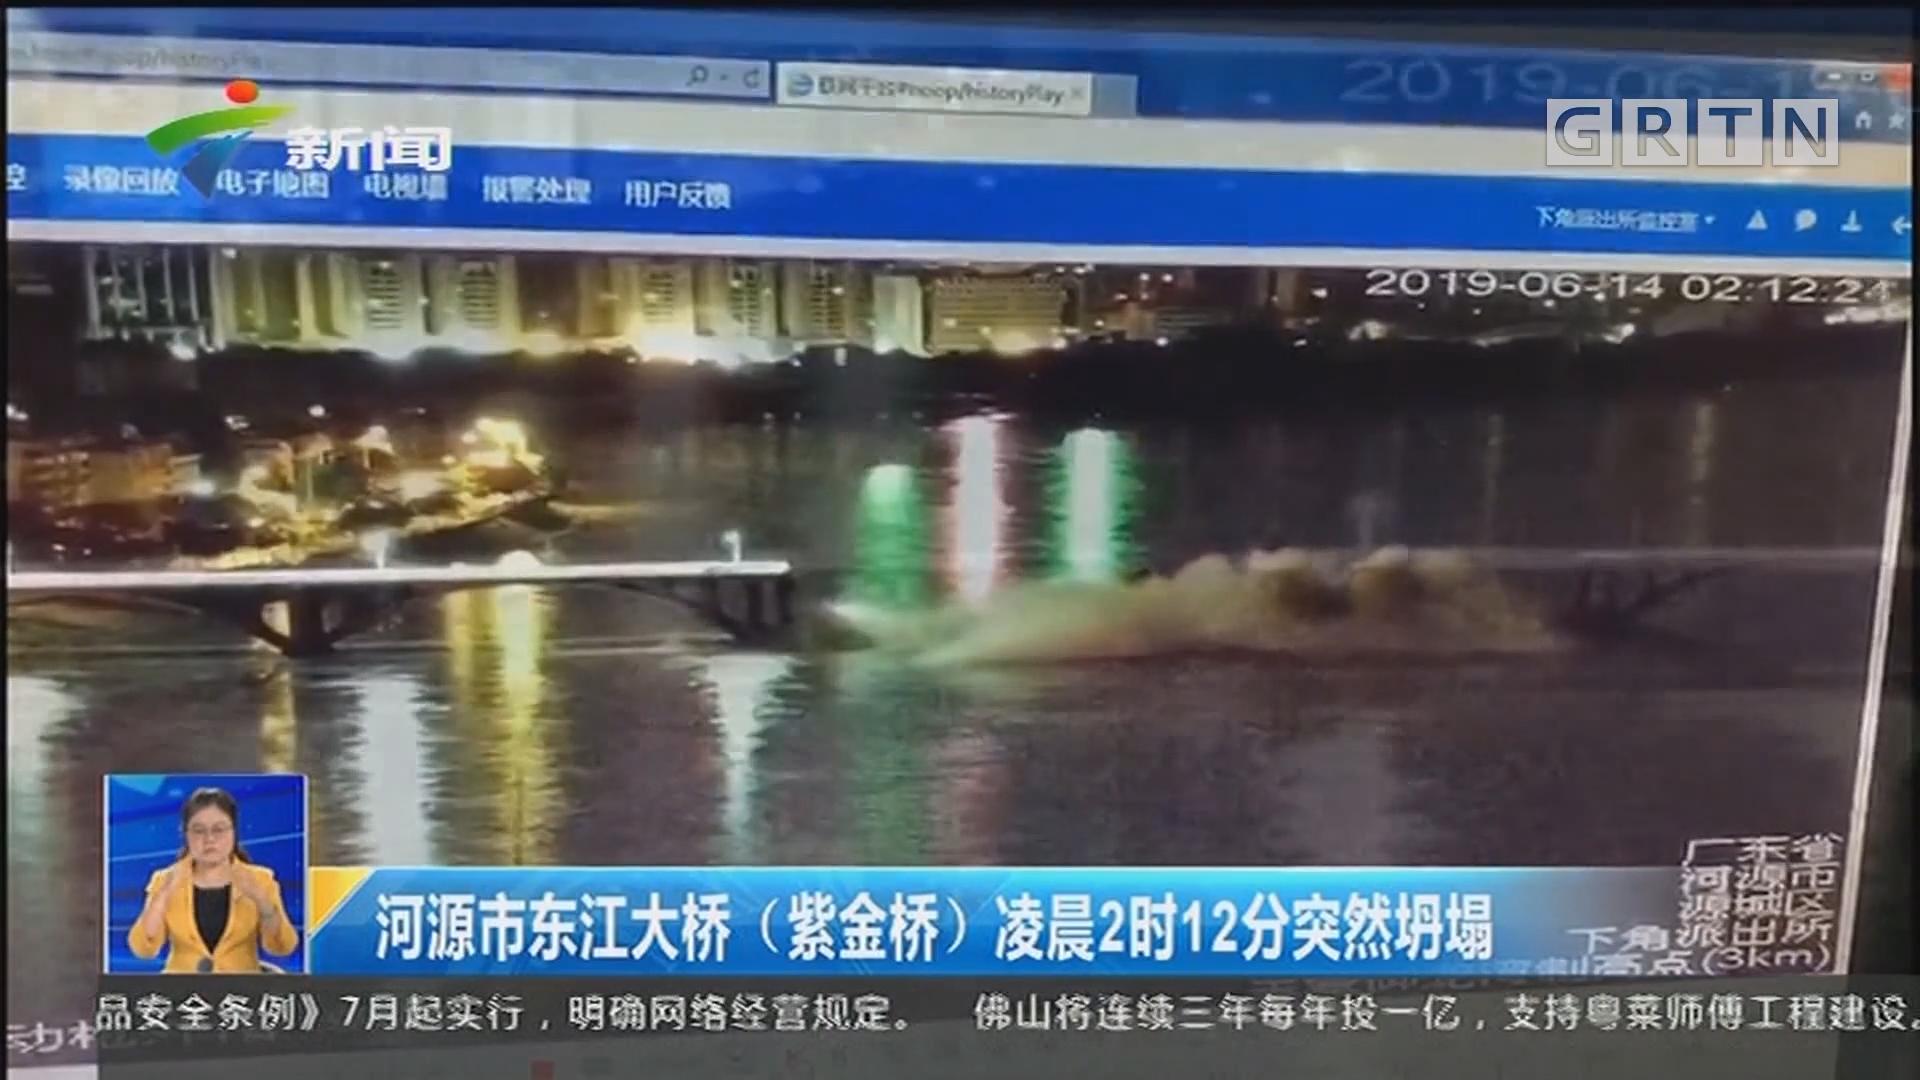 河源市东江大桥(紫金桥)凌晨2时12分突然坍塌